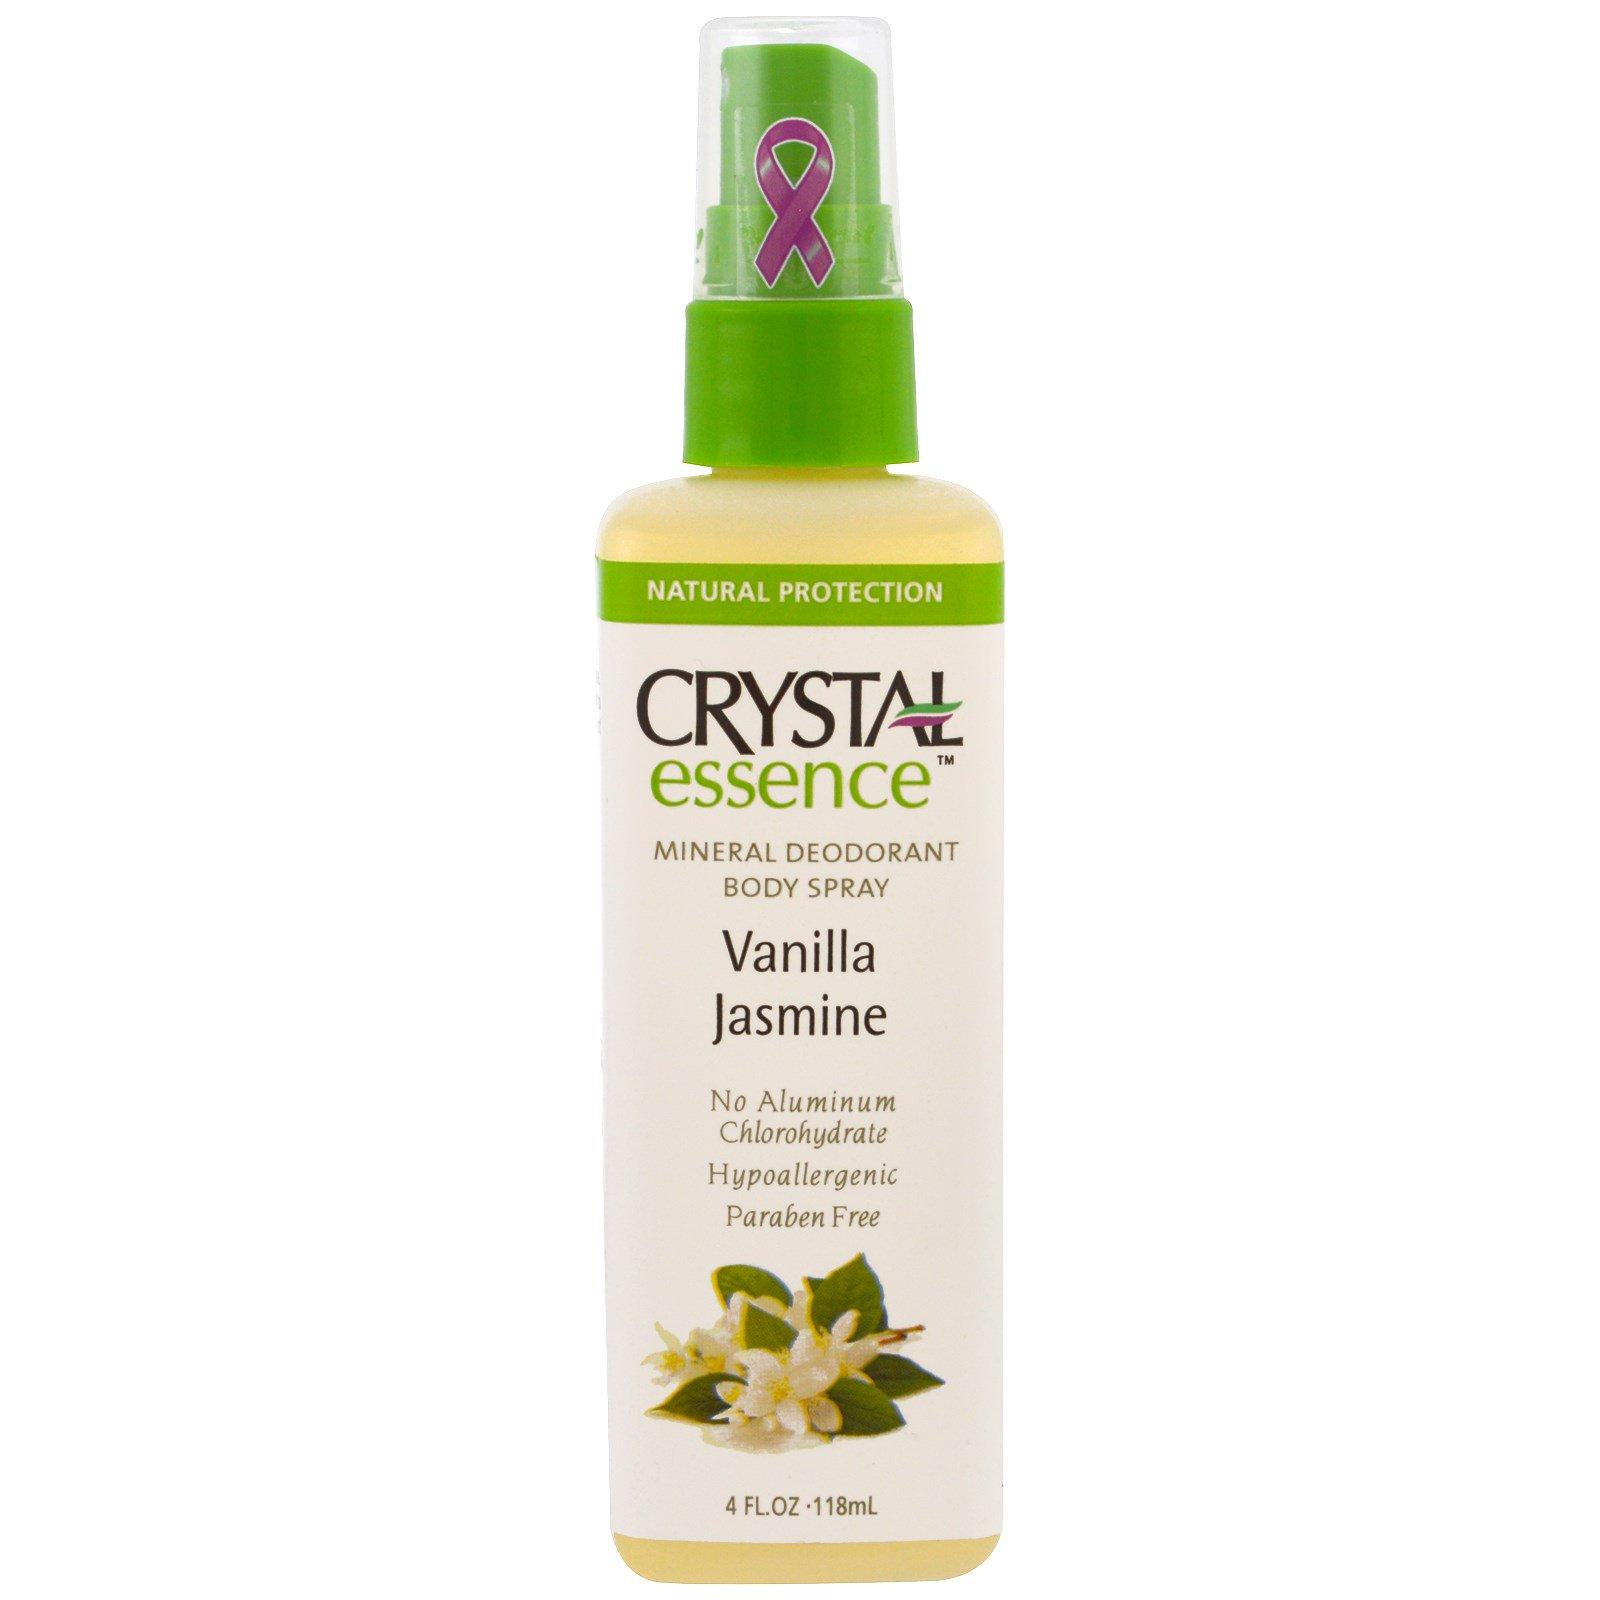 Crystal Body Deodorant, Crystal Essence, Минеральный дезодорант-спрей для тела, Ваниль и жасмин, 4 унции (118 мл)